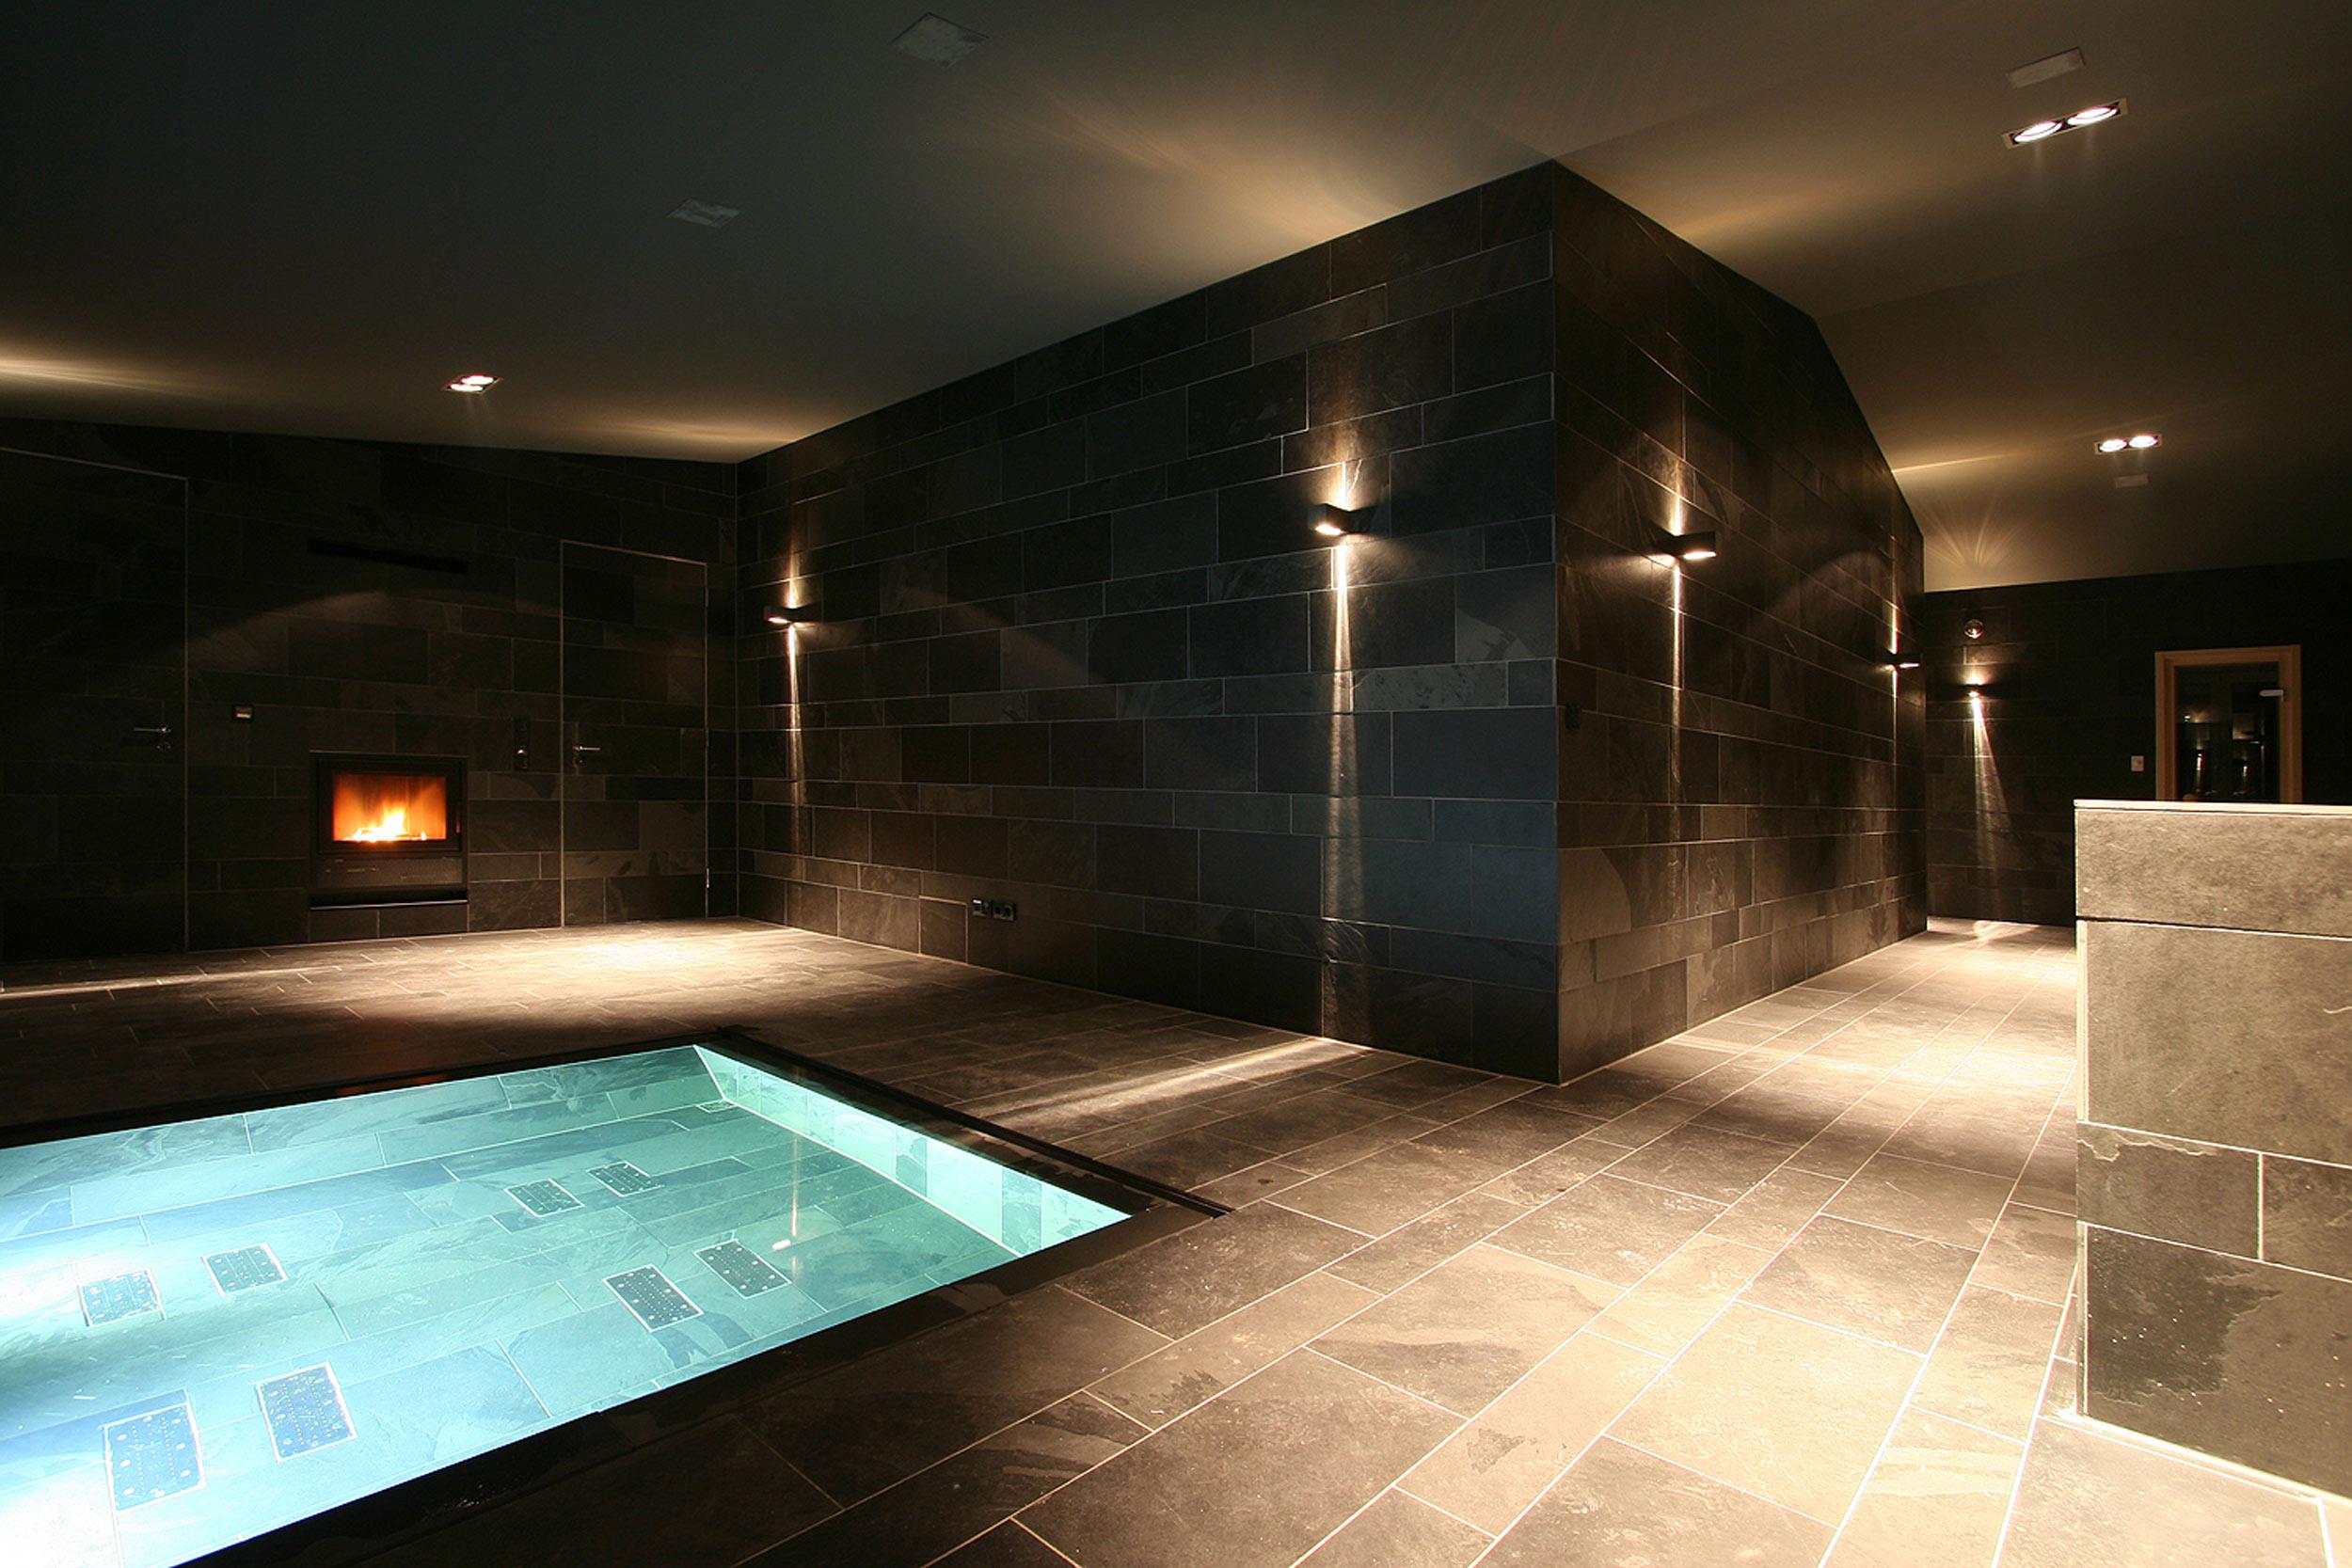 Neubau einer Villa im neoklassizistischen Stil - Der Spabereich mit bodengleichem Whirlpool und Wand- und Bodenbelägen aus Schieferplatten